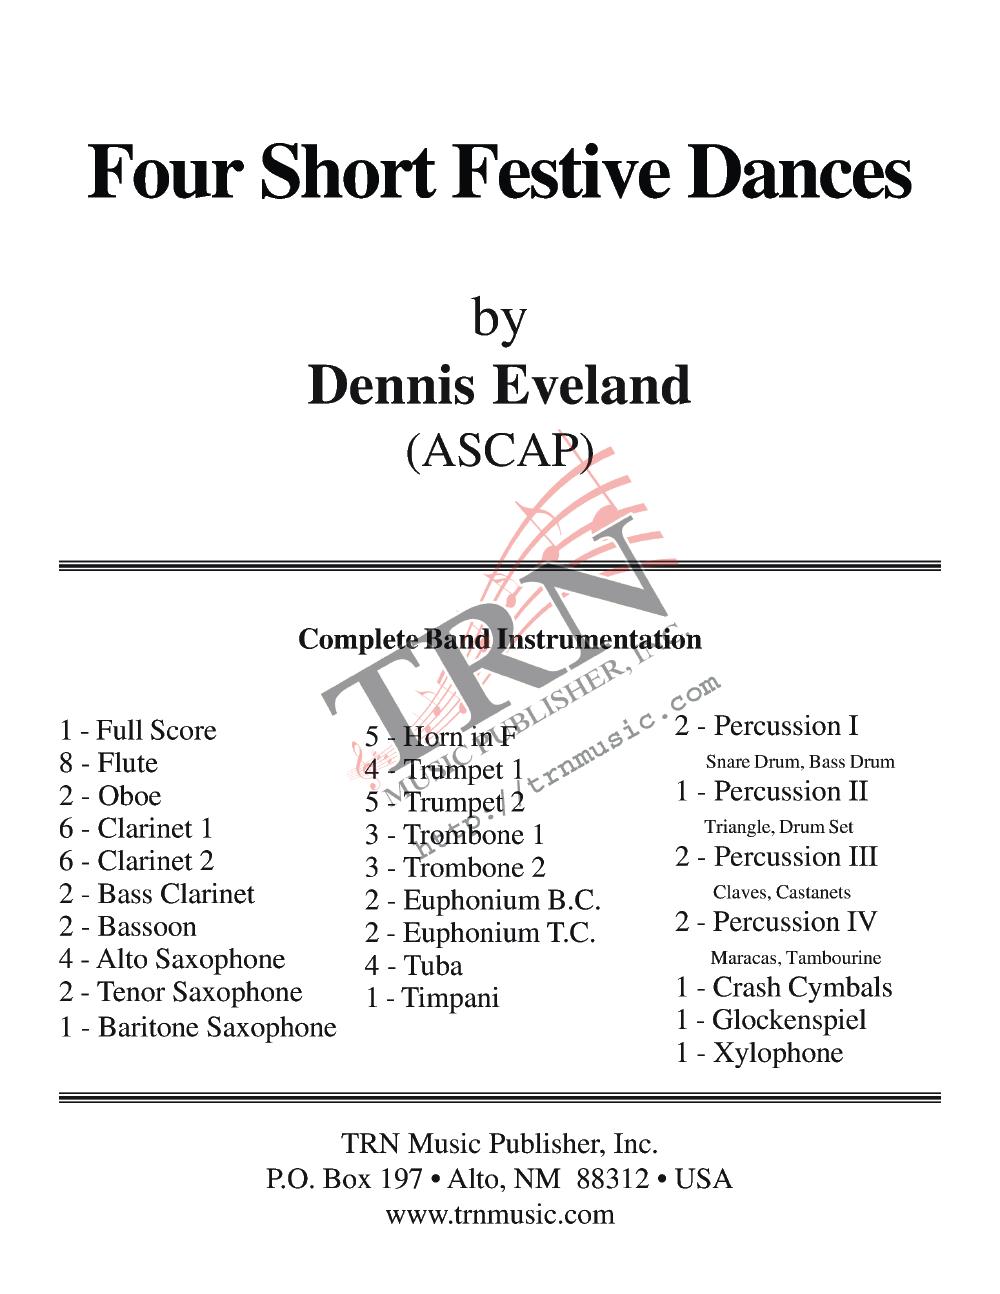 Four Short Festive Dances Thumbnail